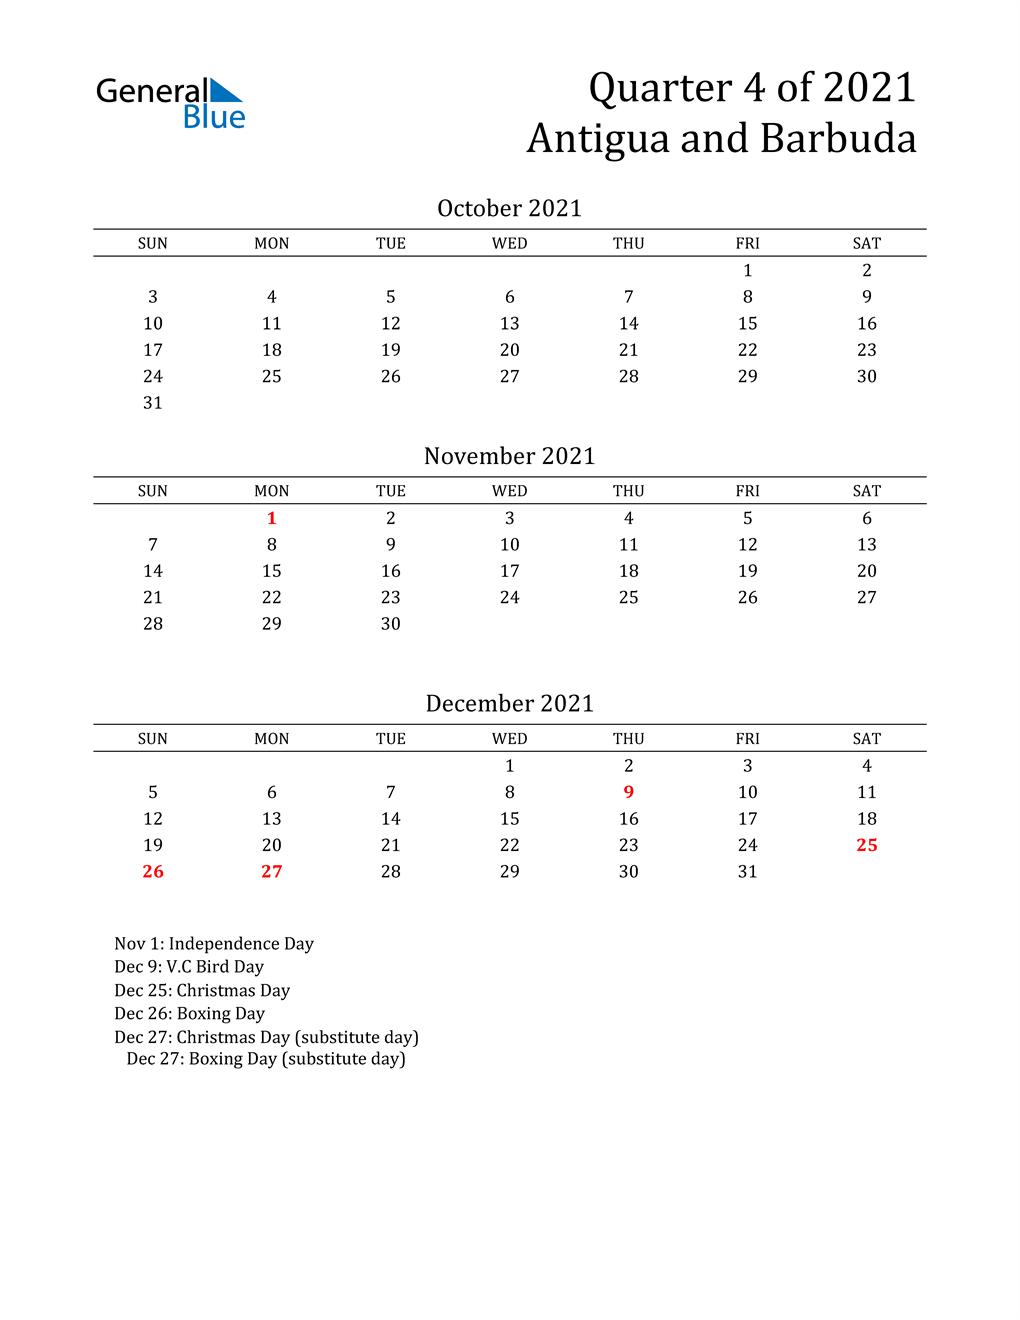 2021 Antigua and Barbuda Quarterly Calendar